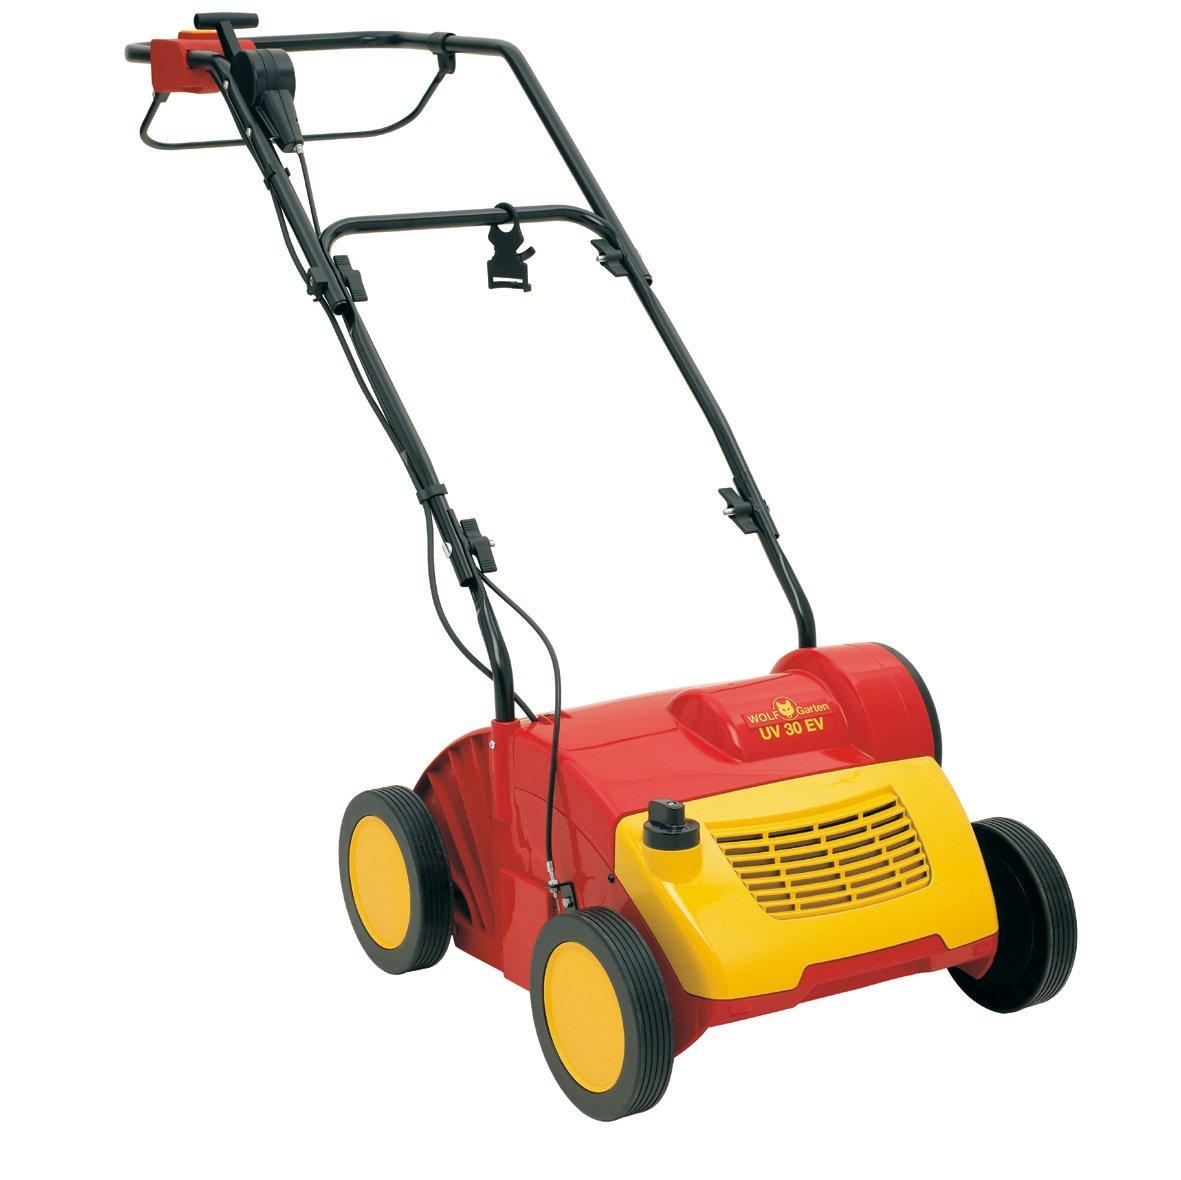 WOLFGarten 3630680 ElektroVertikutierer UV 30 EV, 1100 Watt, Arbeitsbreite 30cm  BaumarktKundenbewertung und Beschreibung